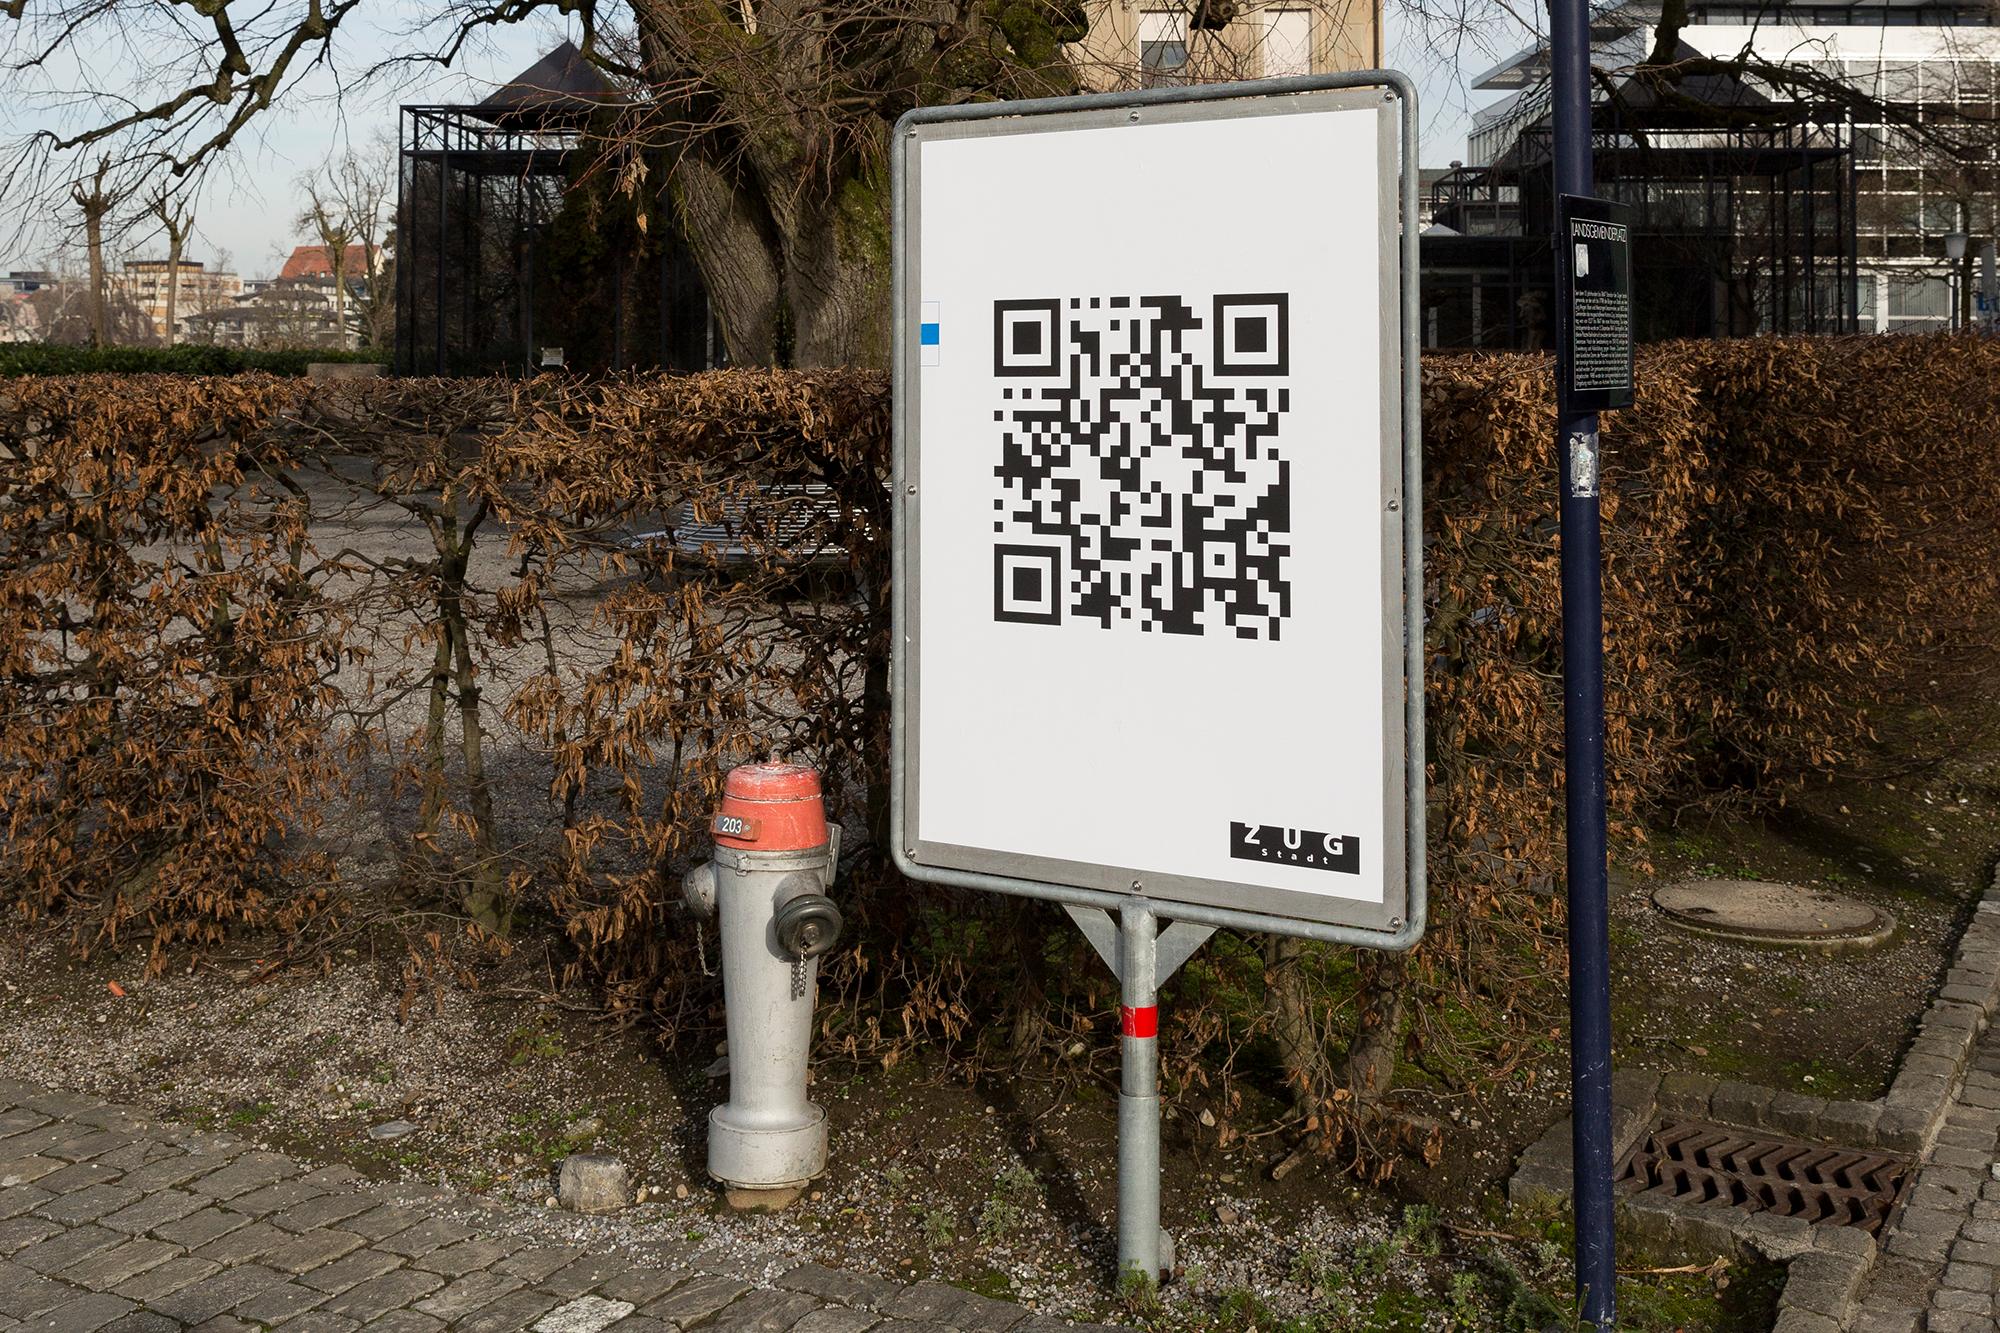 In Zug hat man sich die Digitalisierung des Gemeindewesens auf die Fahne geschrieben und auf Plakate gedruckt.